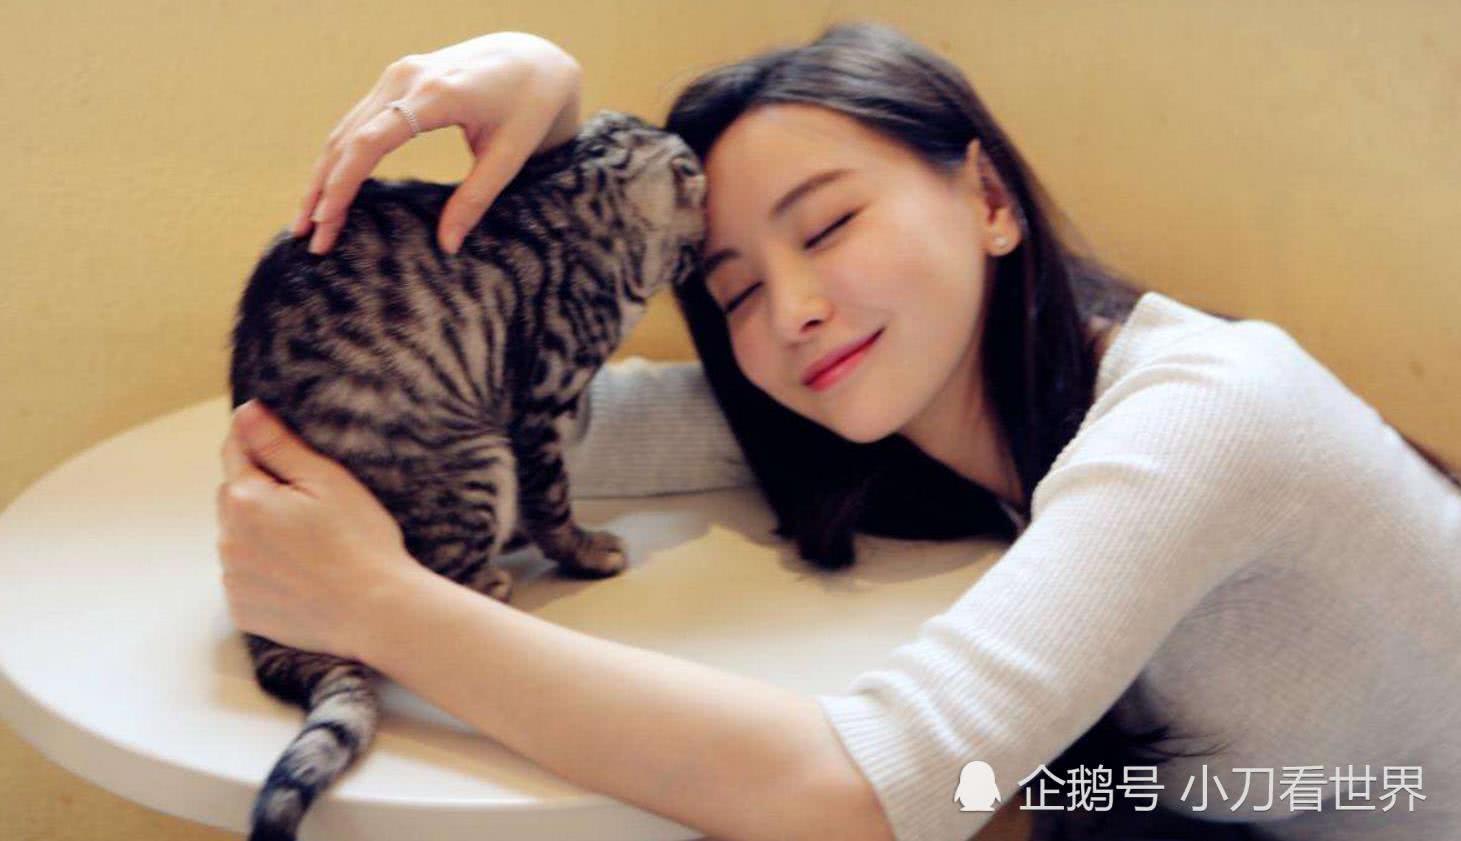 于文文爆料:曾经被渣男伤害过,吴昕说:我最短的恋情只有15天